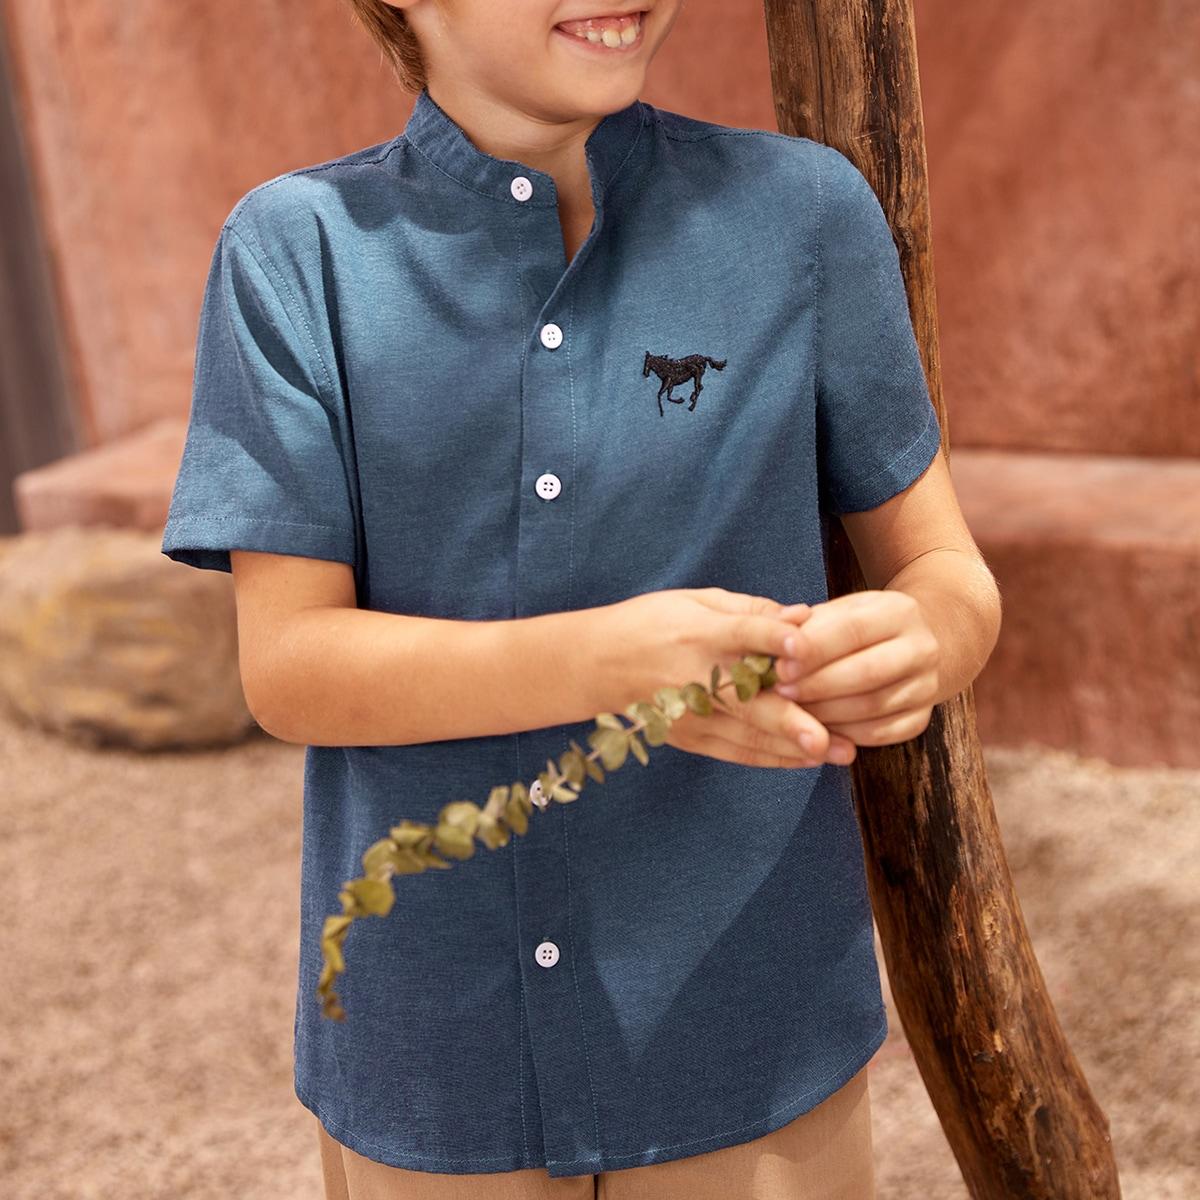 Рубашка из 50% хлопка с вышивкой лошади для мальчиков